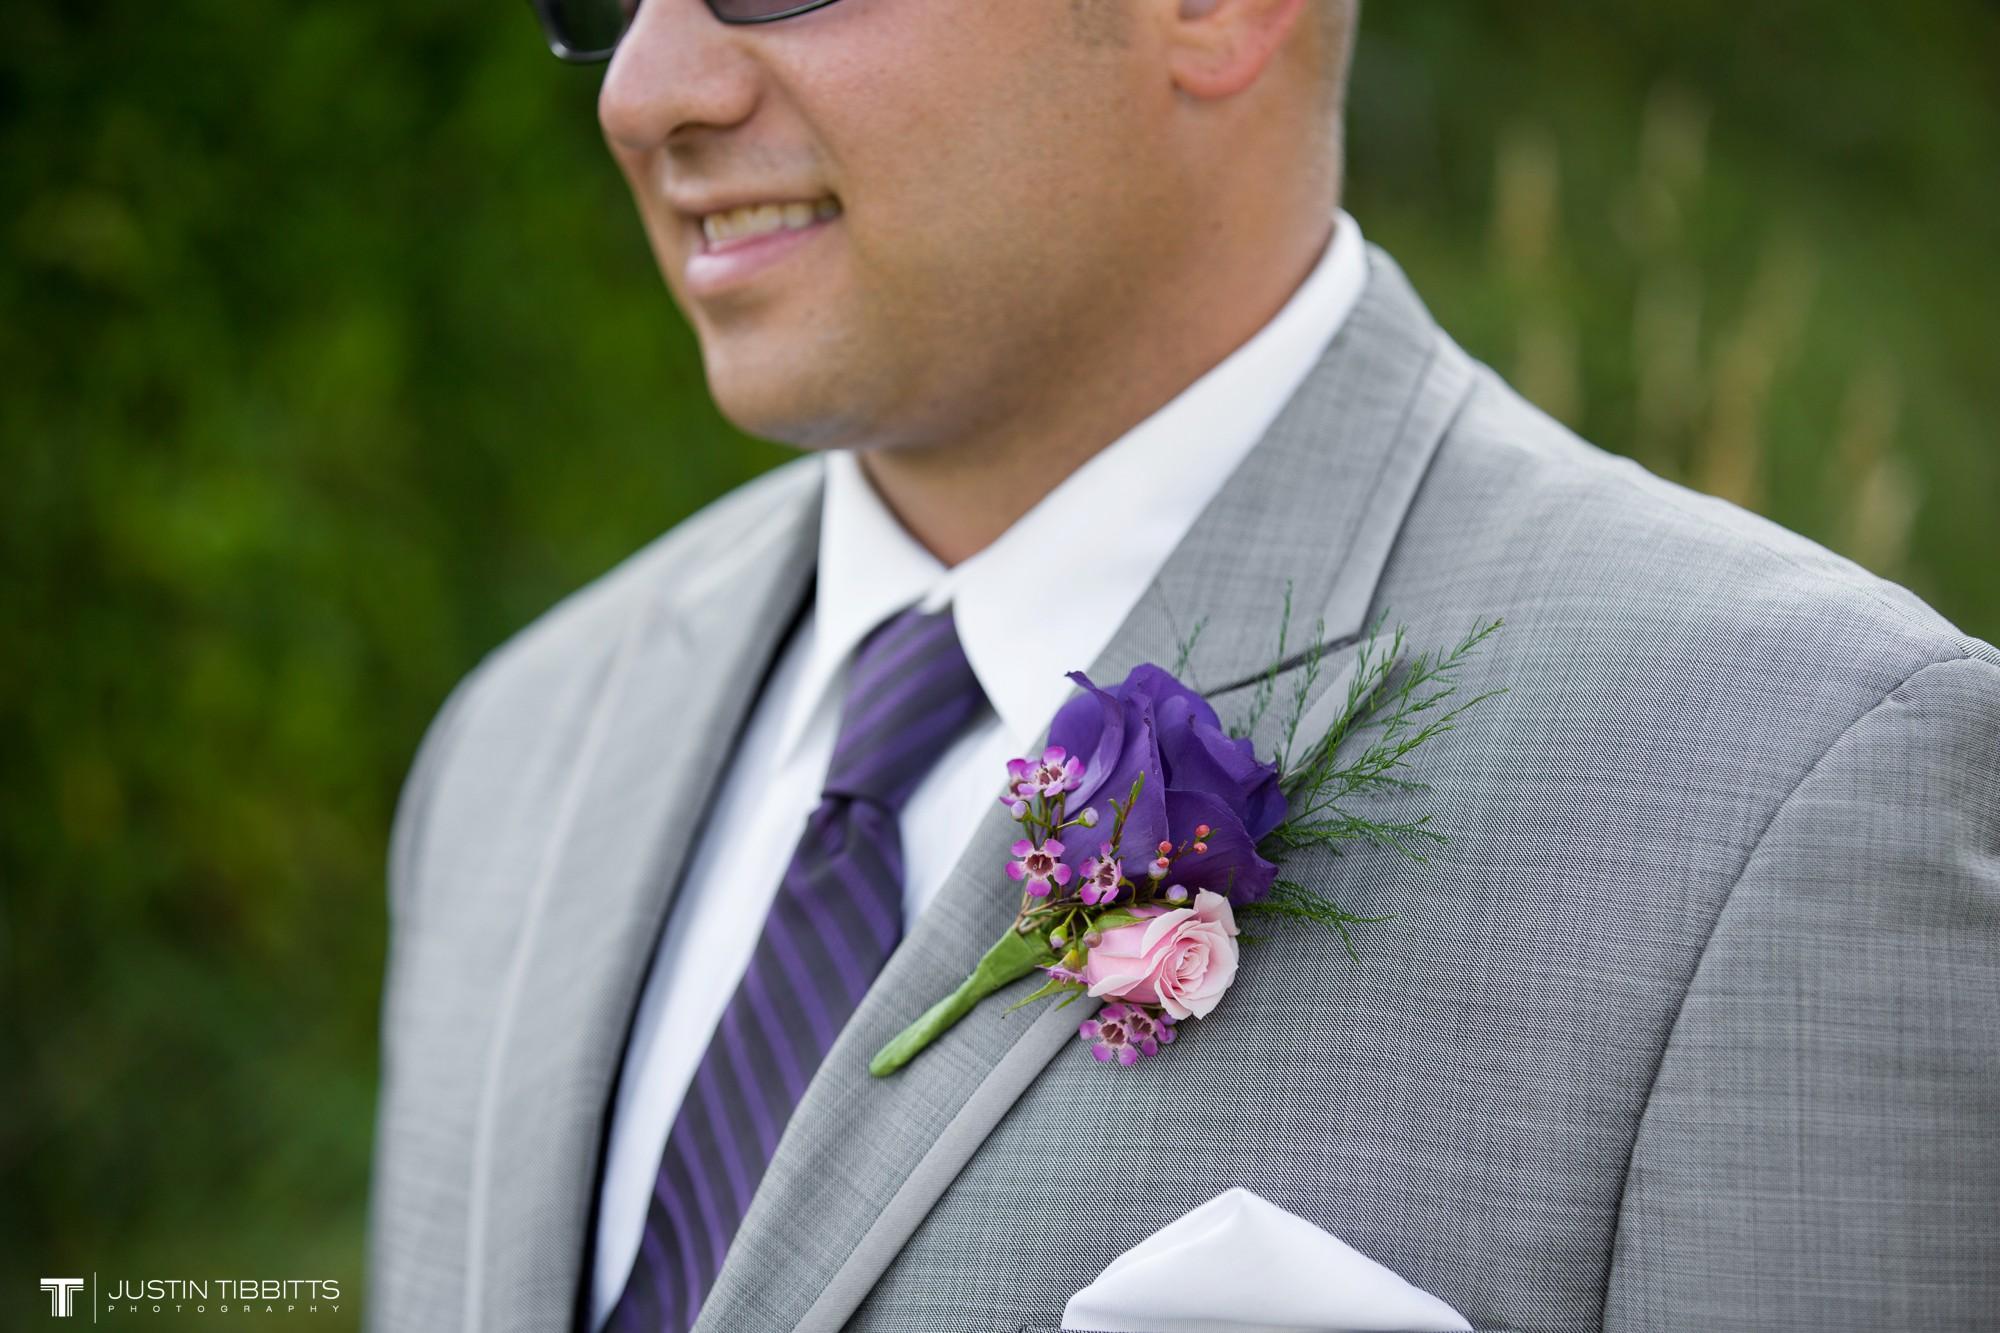 Albany NY Wedding Photographer Justin Tibbitts Photography 2014 Best of Albany NY Weddings-451726